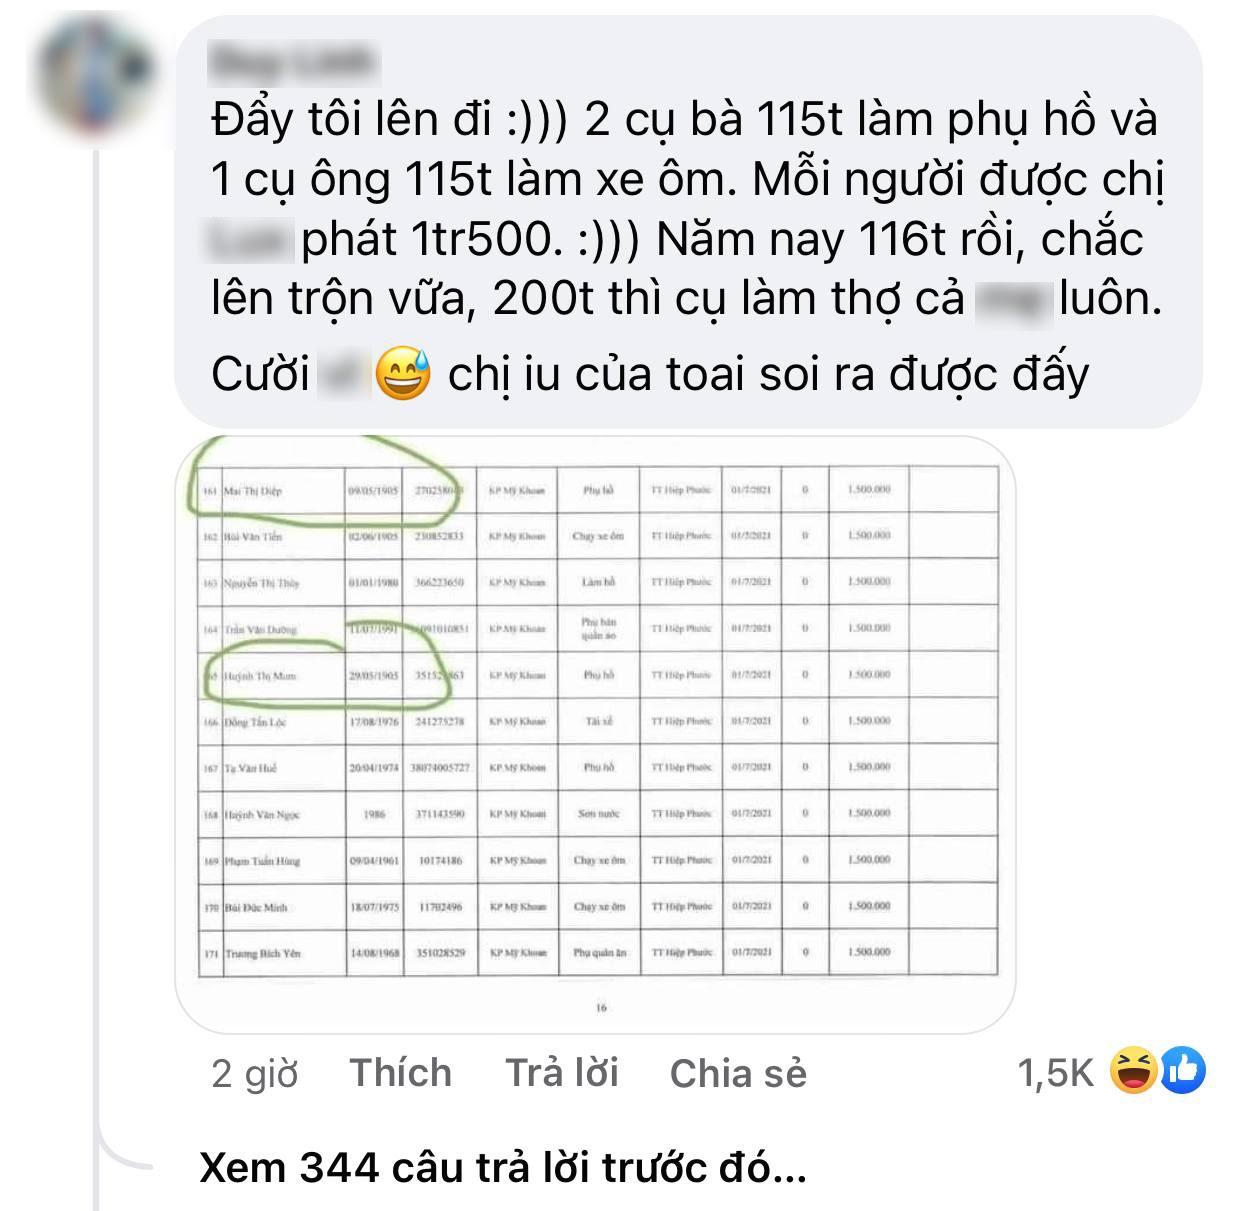 Netizen soi chi tiết khó hiểu trong sao kê của Thuỷ Tiên: 2 cụ già 116 tuổi vẫn được nhận 1,5 triệu tiền trợ cấp? - Ảnh 2.